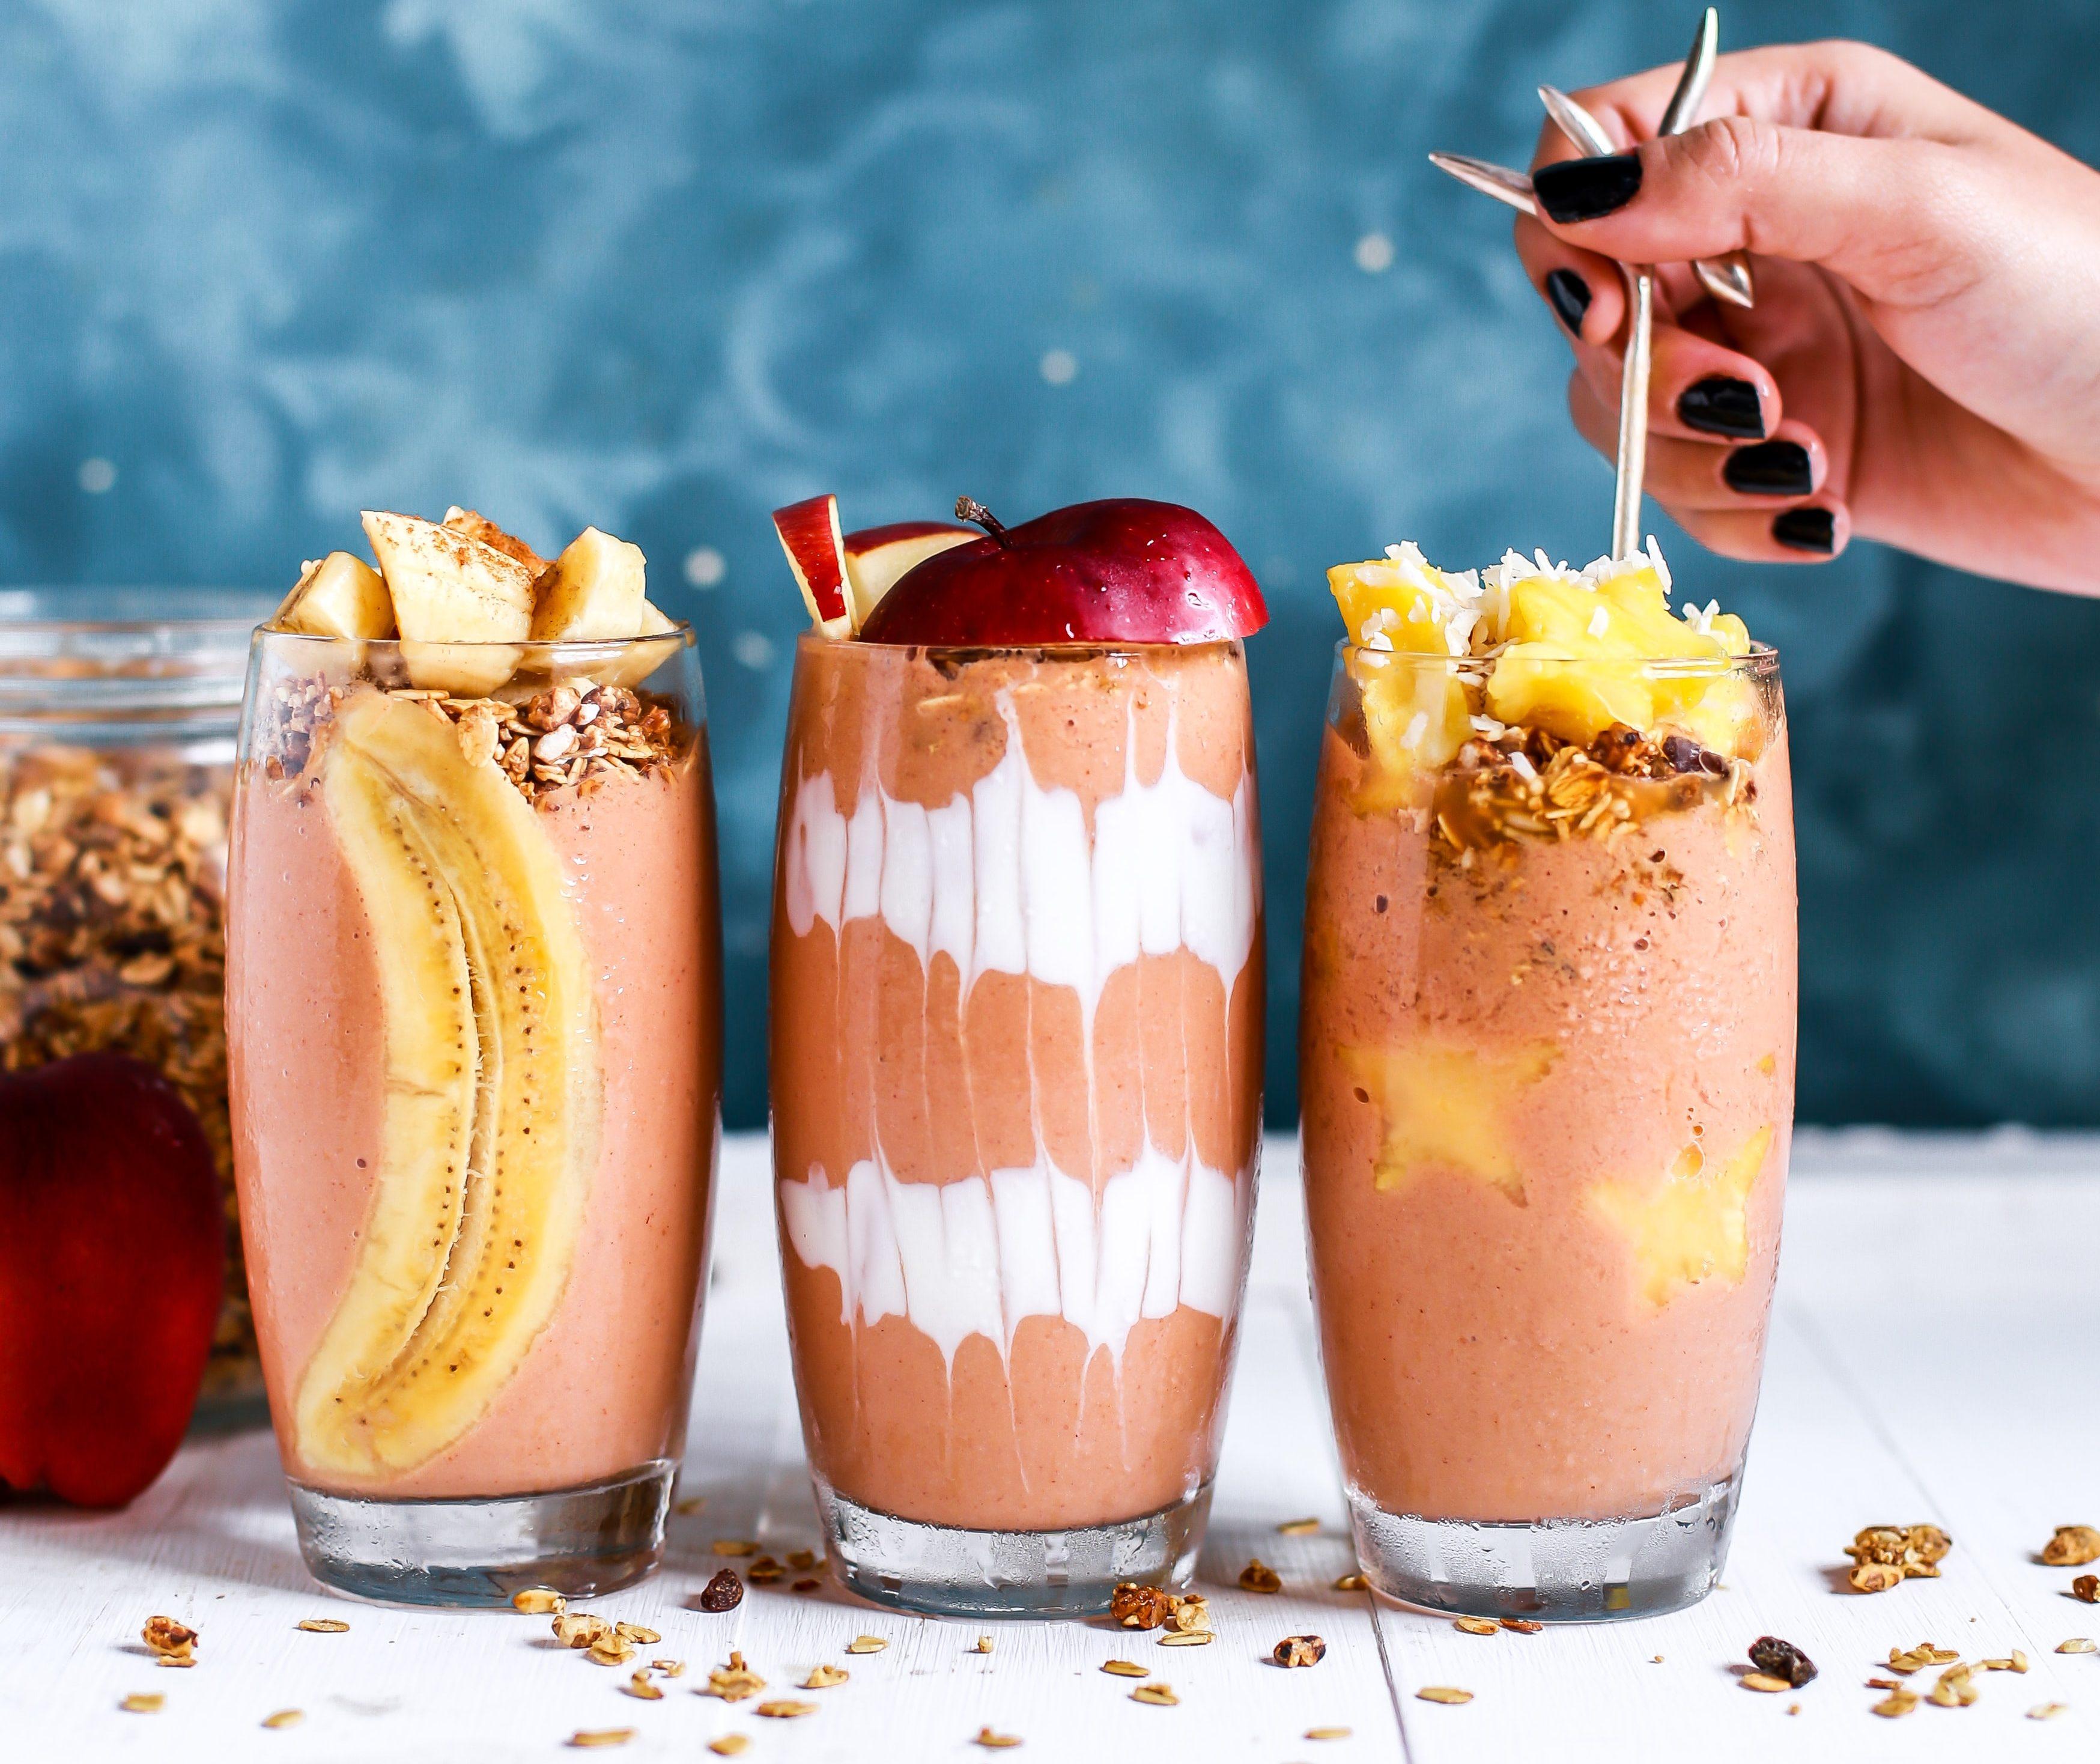 Οι λόγοι για τους οποίους αξίζει να βάλεις τα smoothies στη διατροφή σου τώρα Απολαμβάνοντας ένα smoothie έχεις όλη την ενέργεια και τις βιταμίνες που χρειάζεσαι σε ένα ποτήρι.